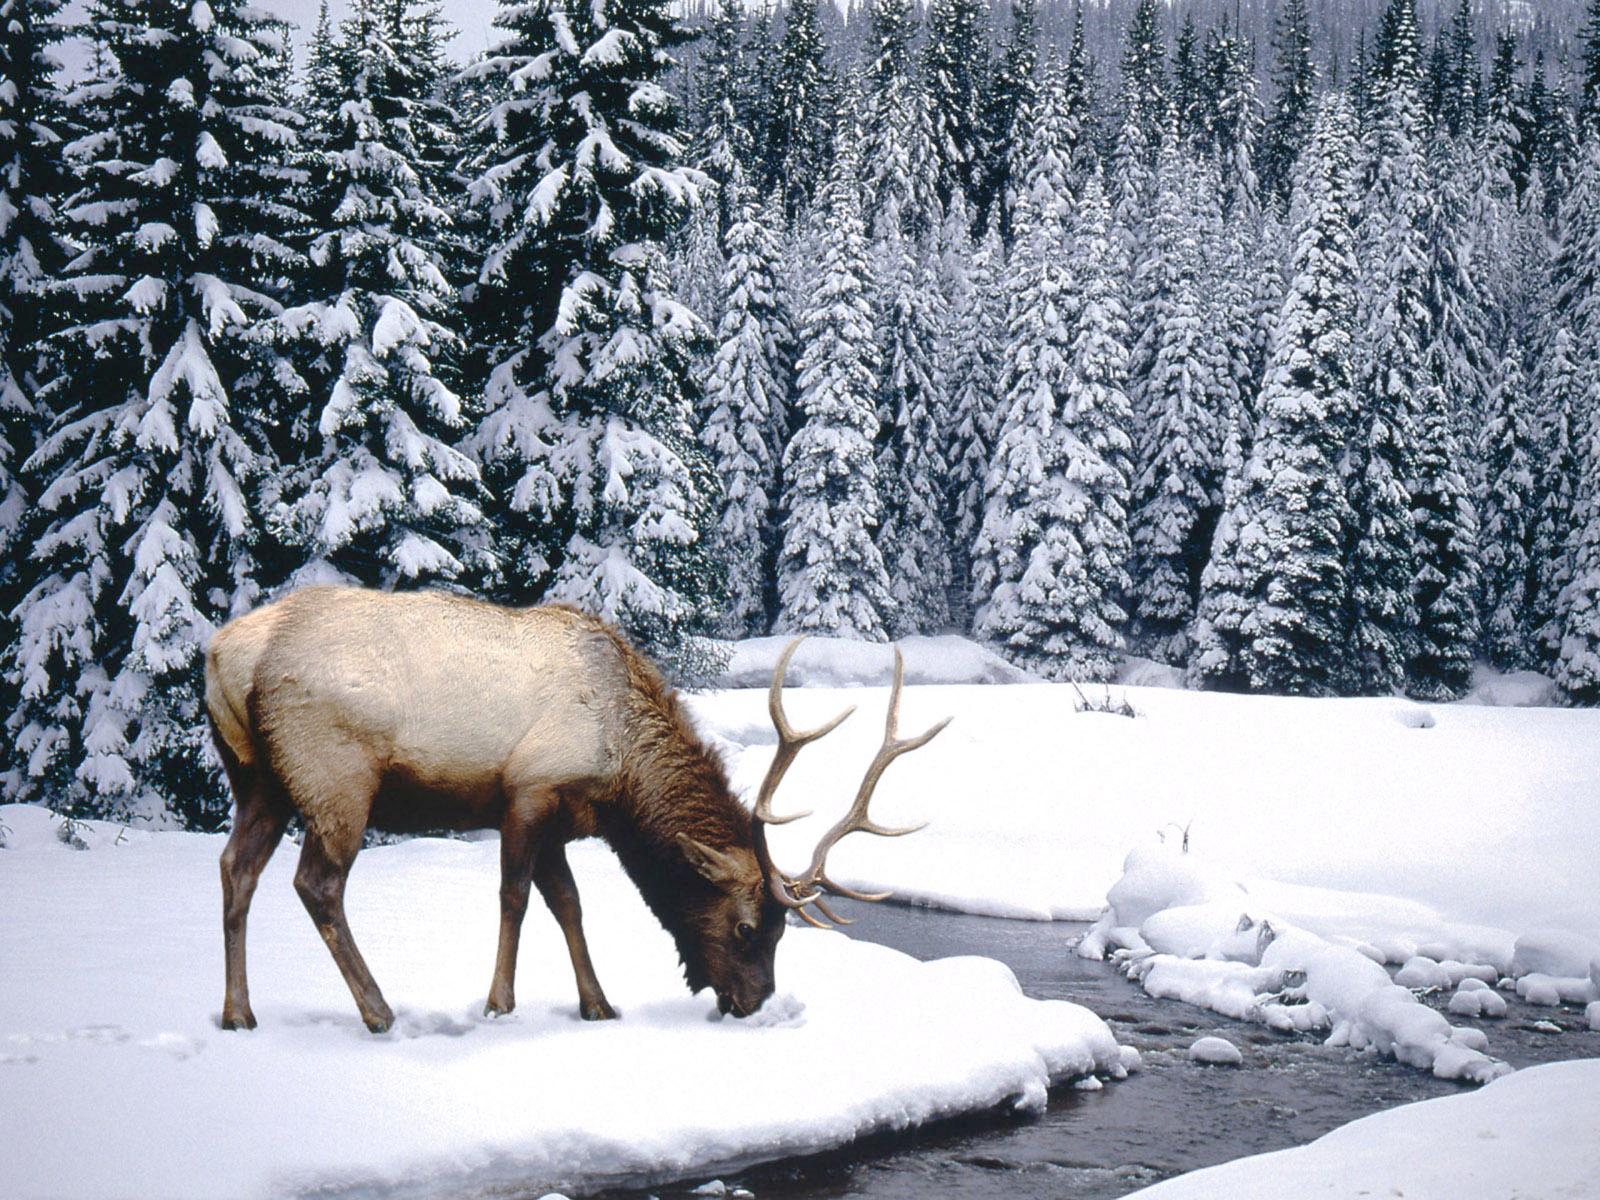 Winter Scenes Animal 1600x1200 Wallpapers 1600x1200 Wallpapers 1600x1200